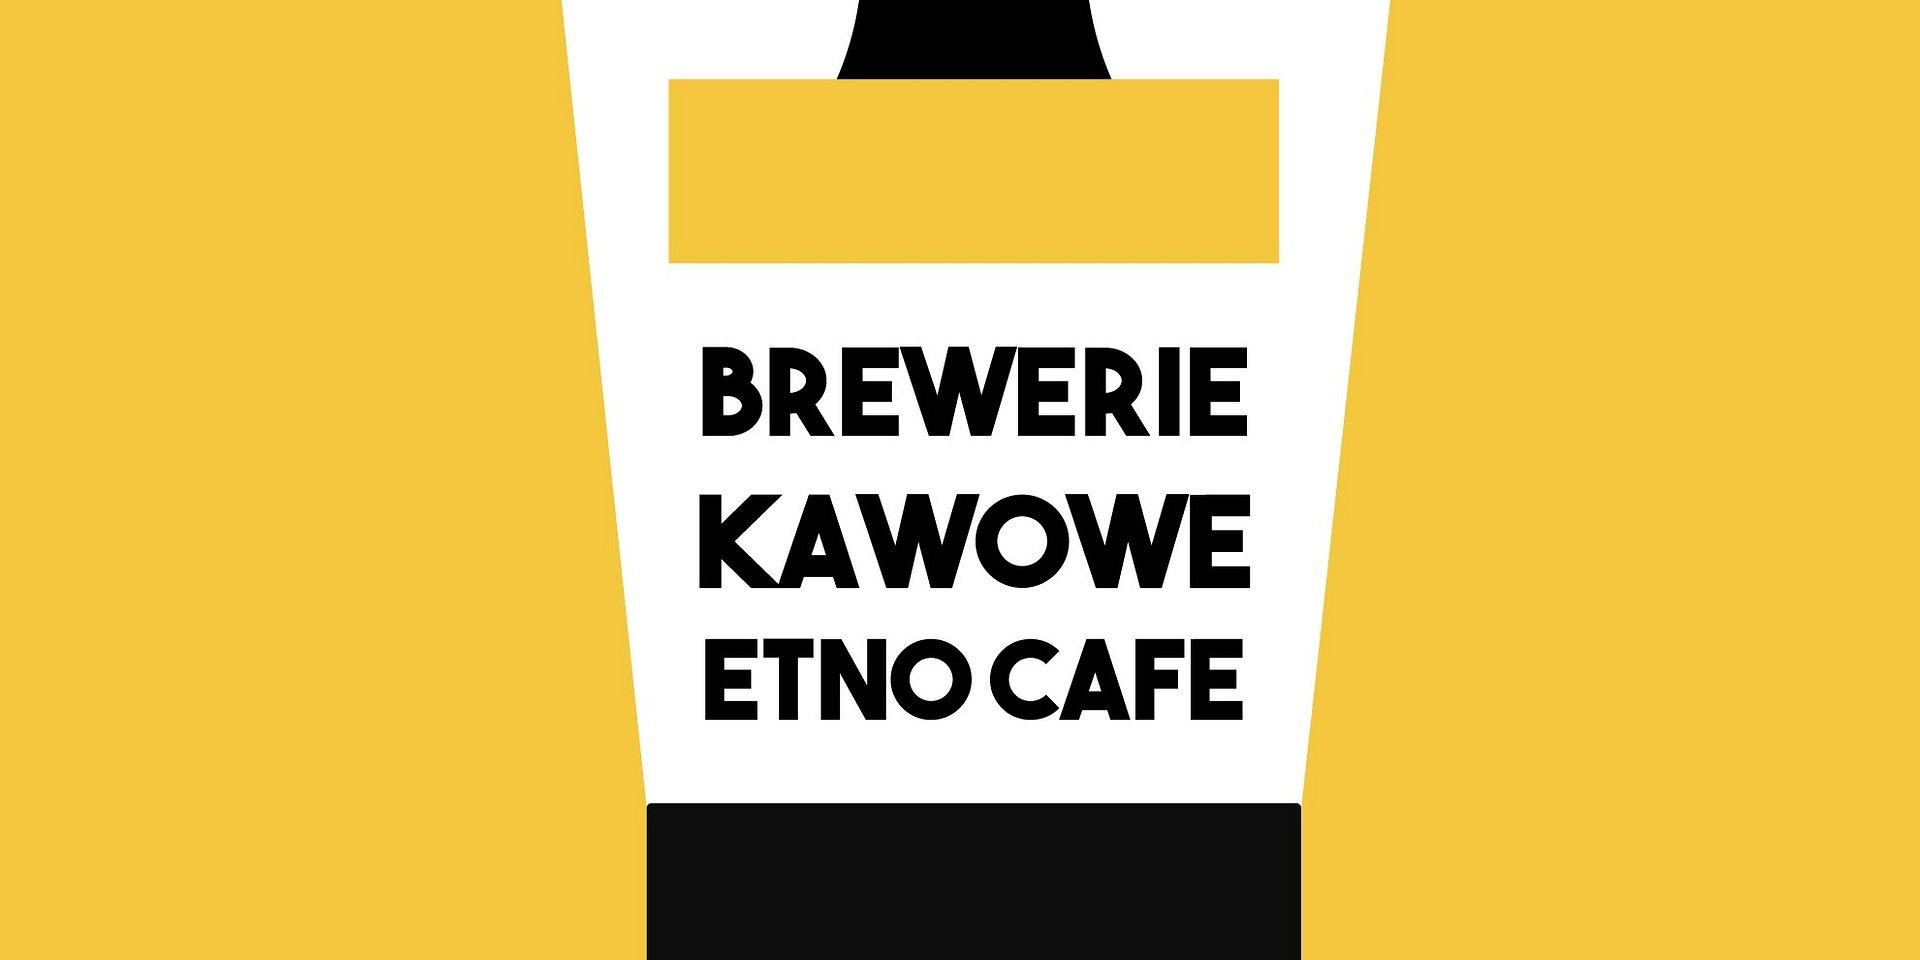 Brewerie Kawowe powracają